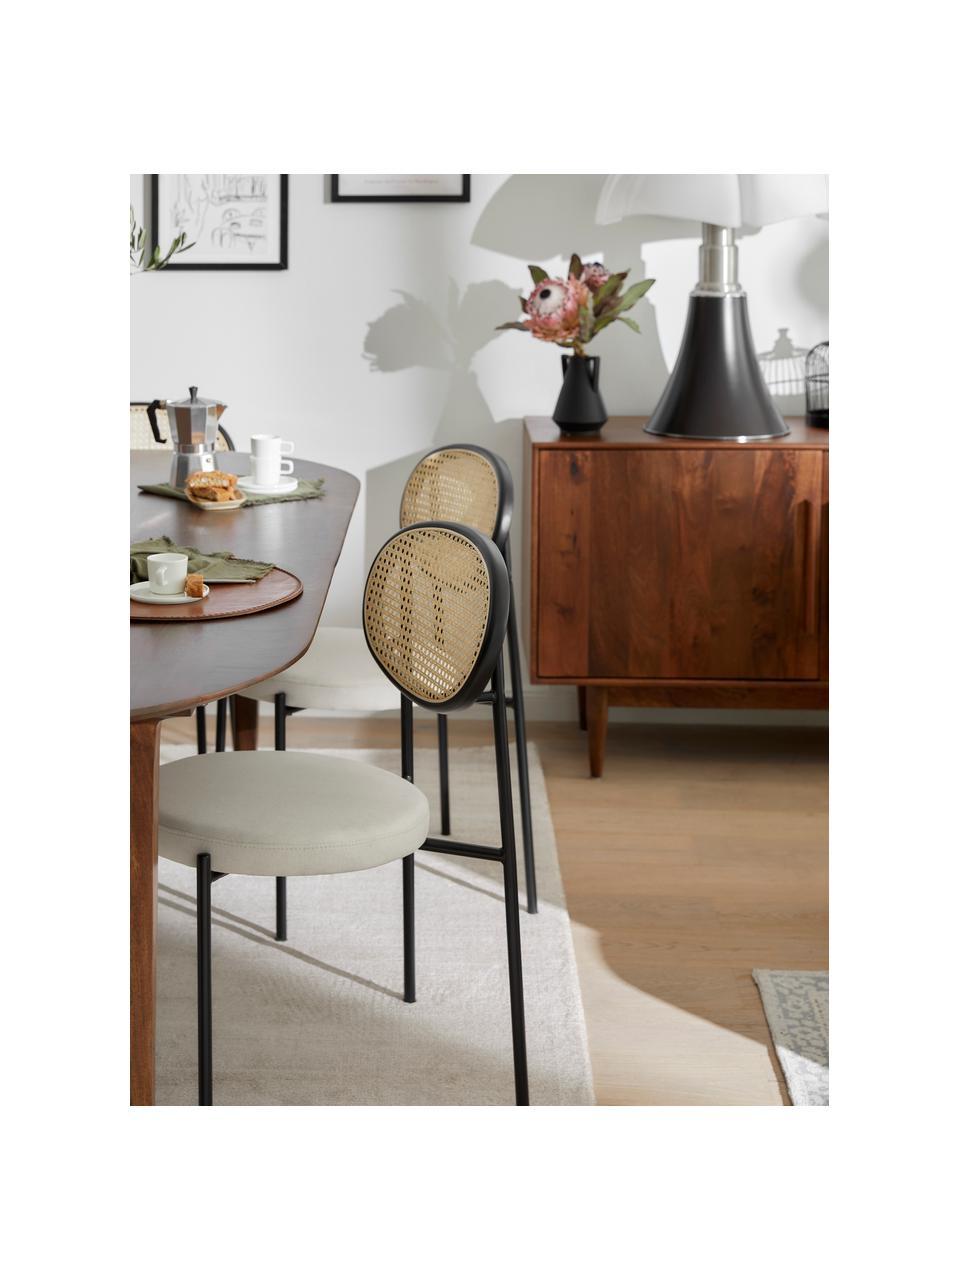 Krzesło tapicerowane z plecionką wiedeńską Niko, 2 szt., Stelaż: metal, Biały, S 54 x W 84 cm